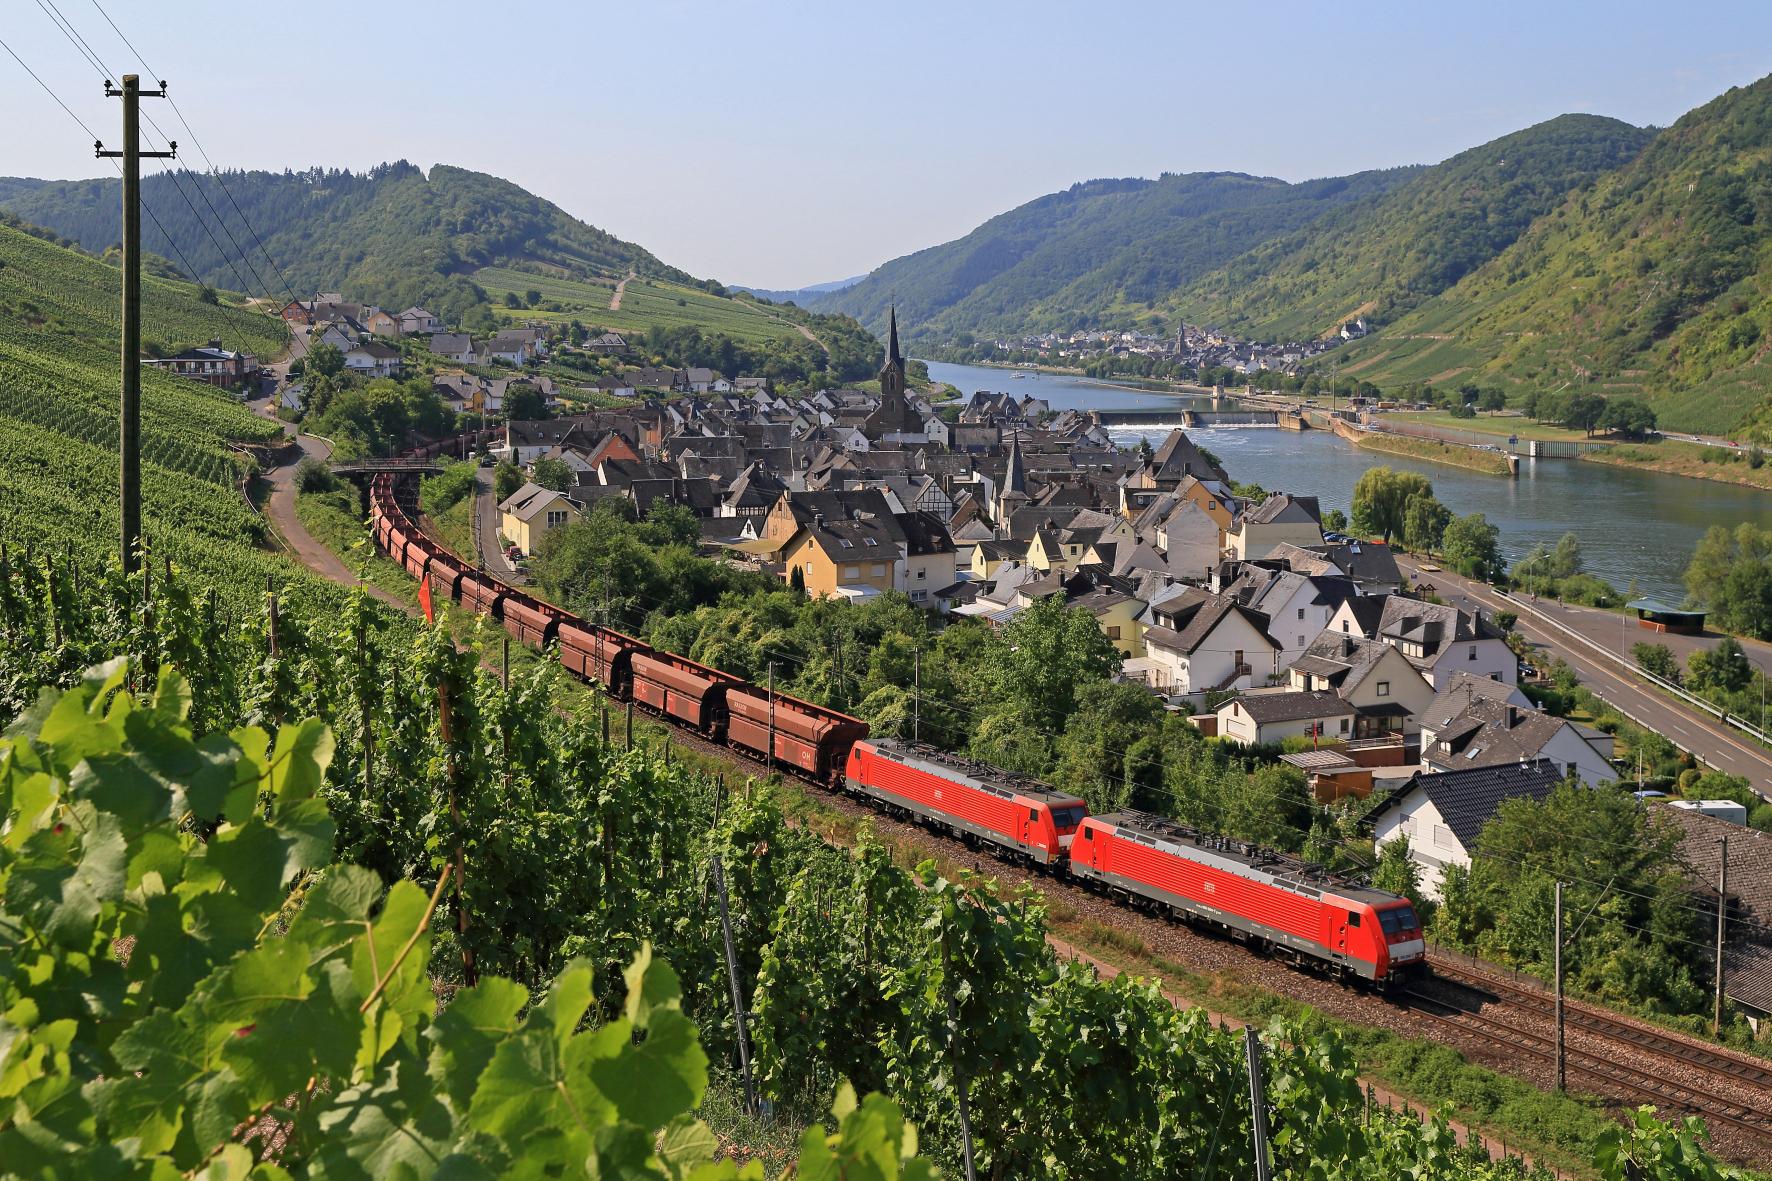 mid Groß-Gerau - Wenn es eng wird, ist Ausweichen schwierig. Auf solchen Strecken kämen lange Güterzüge kaum aneinander vorbei.